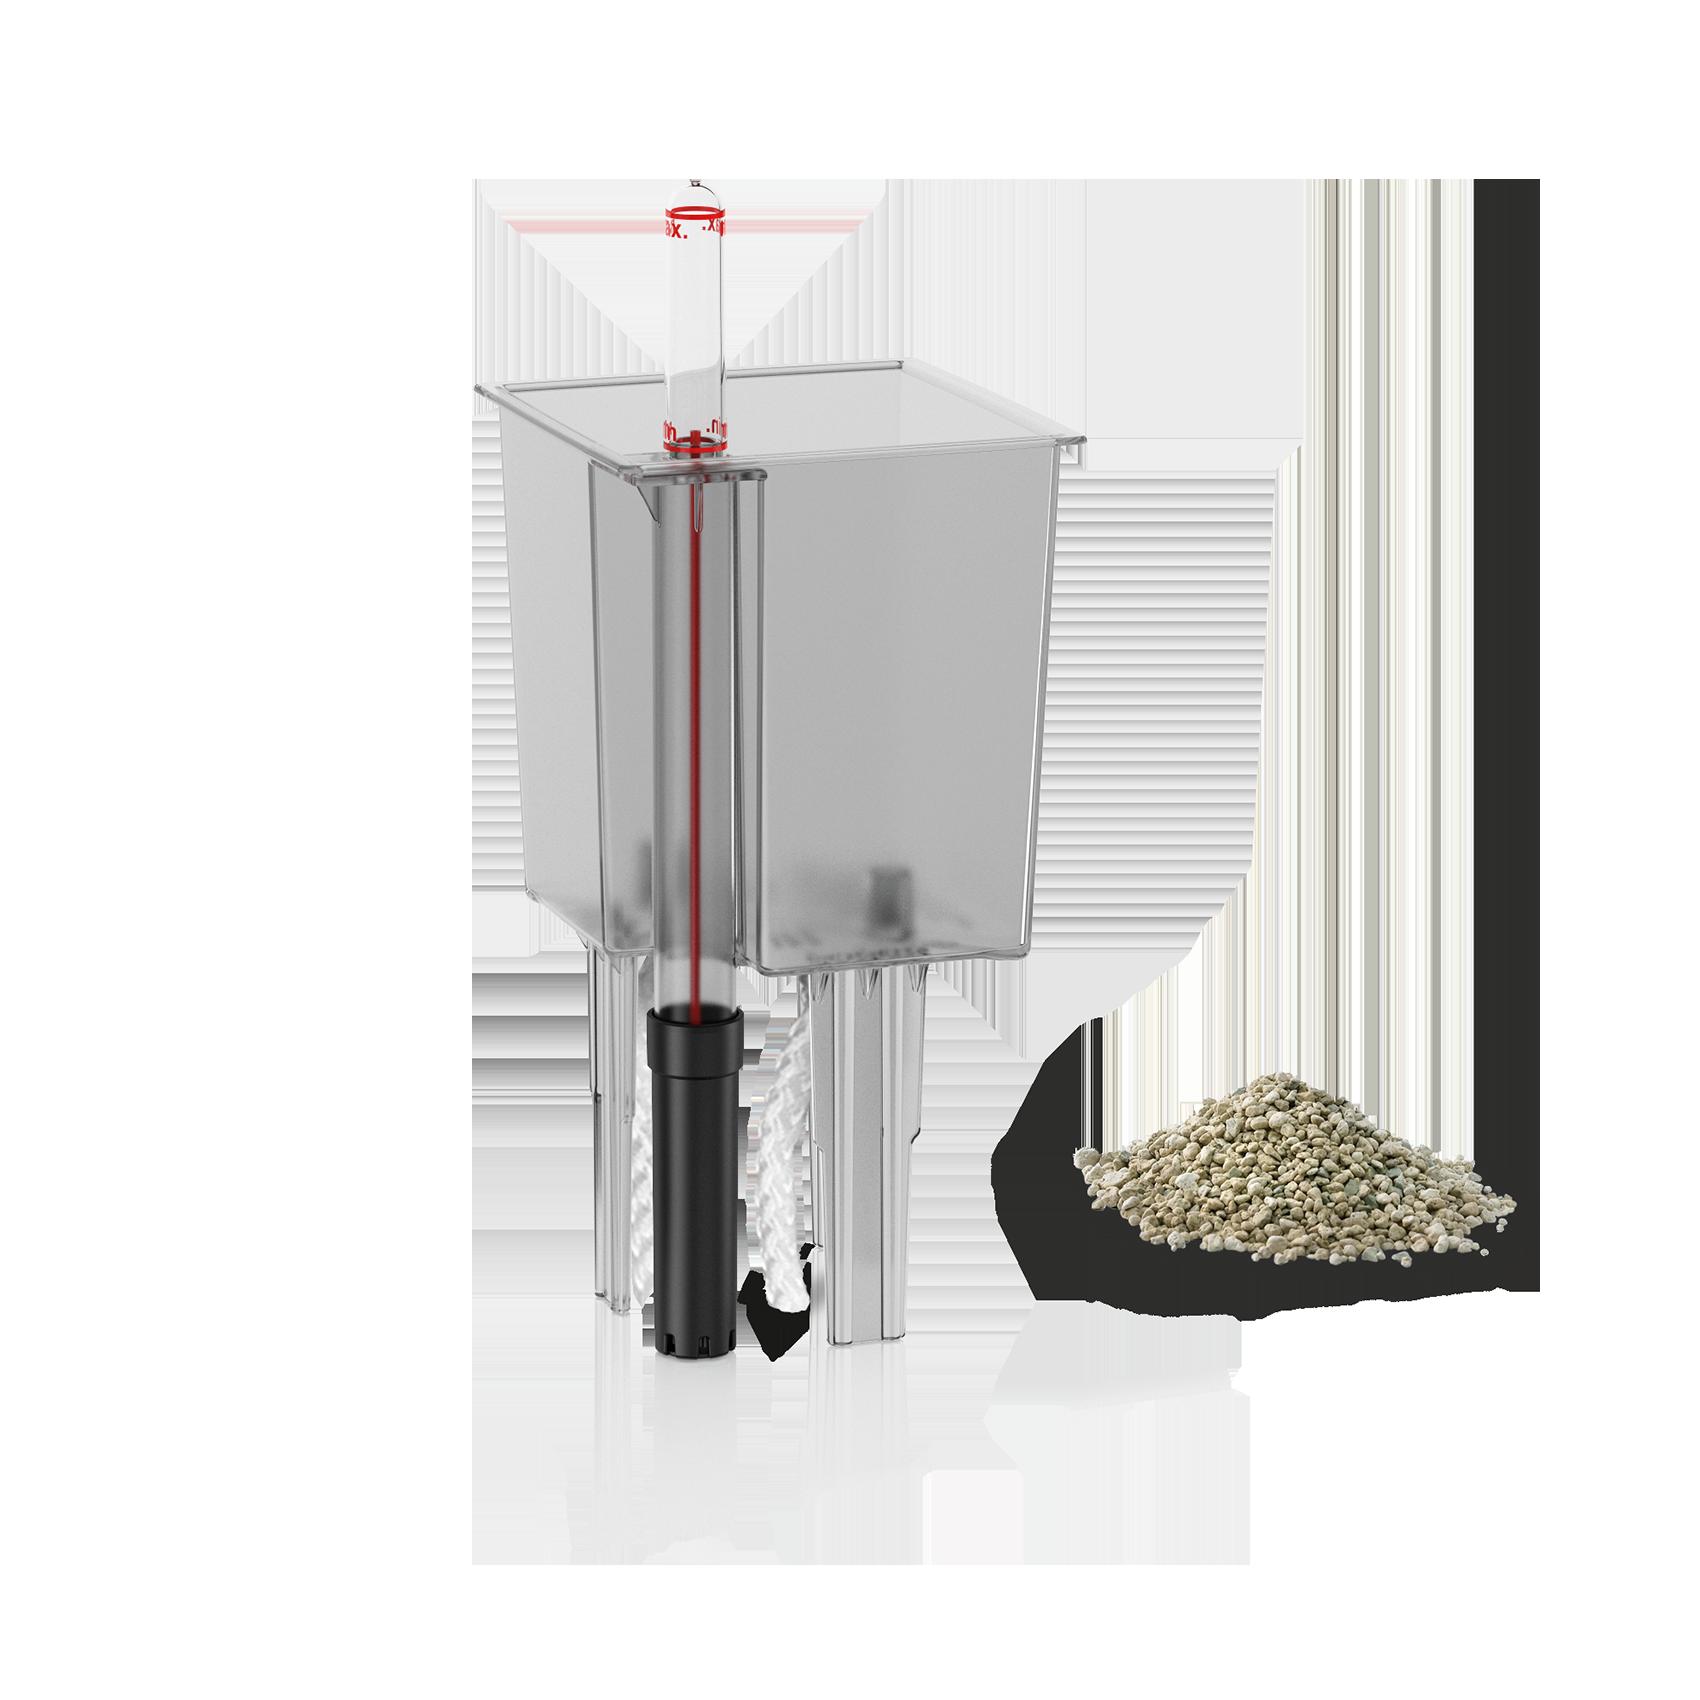 Pflanzeinsatz für MINI-CUBI